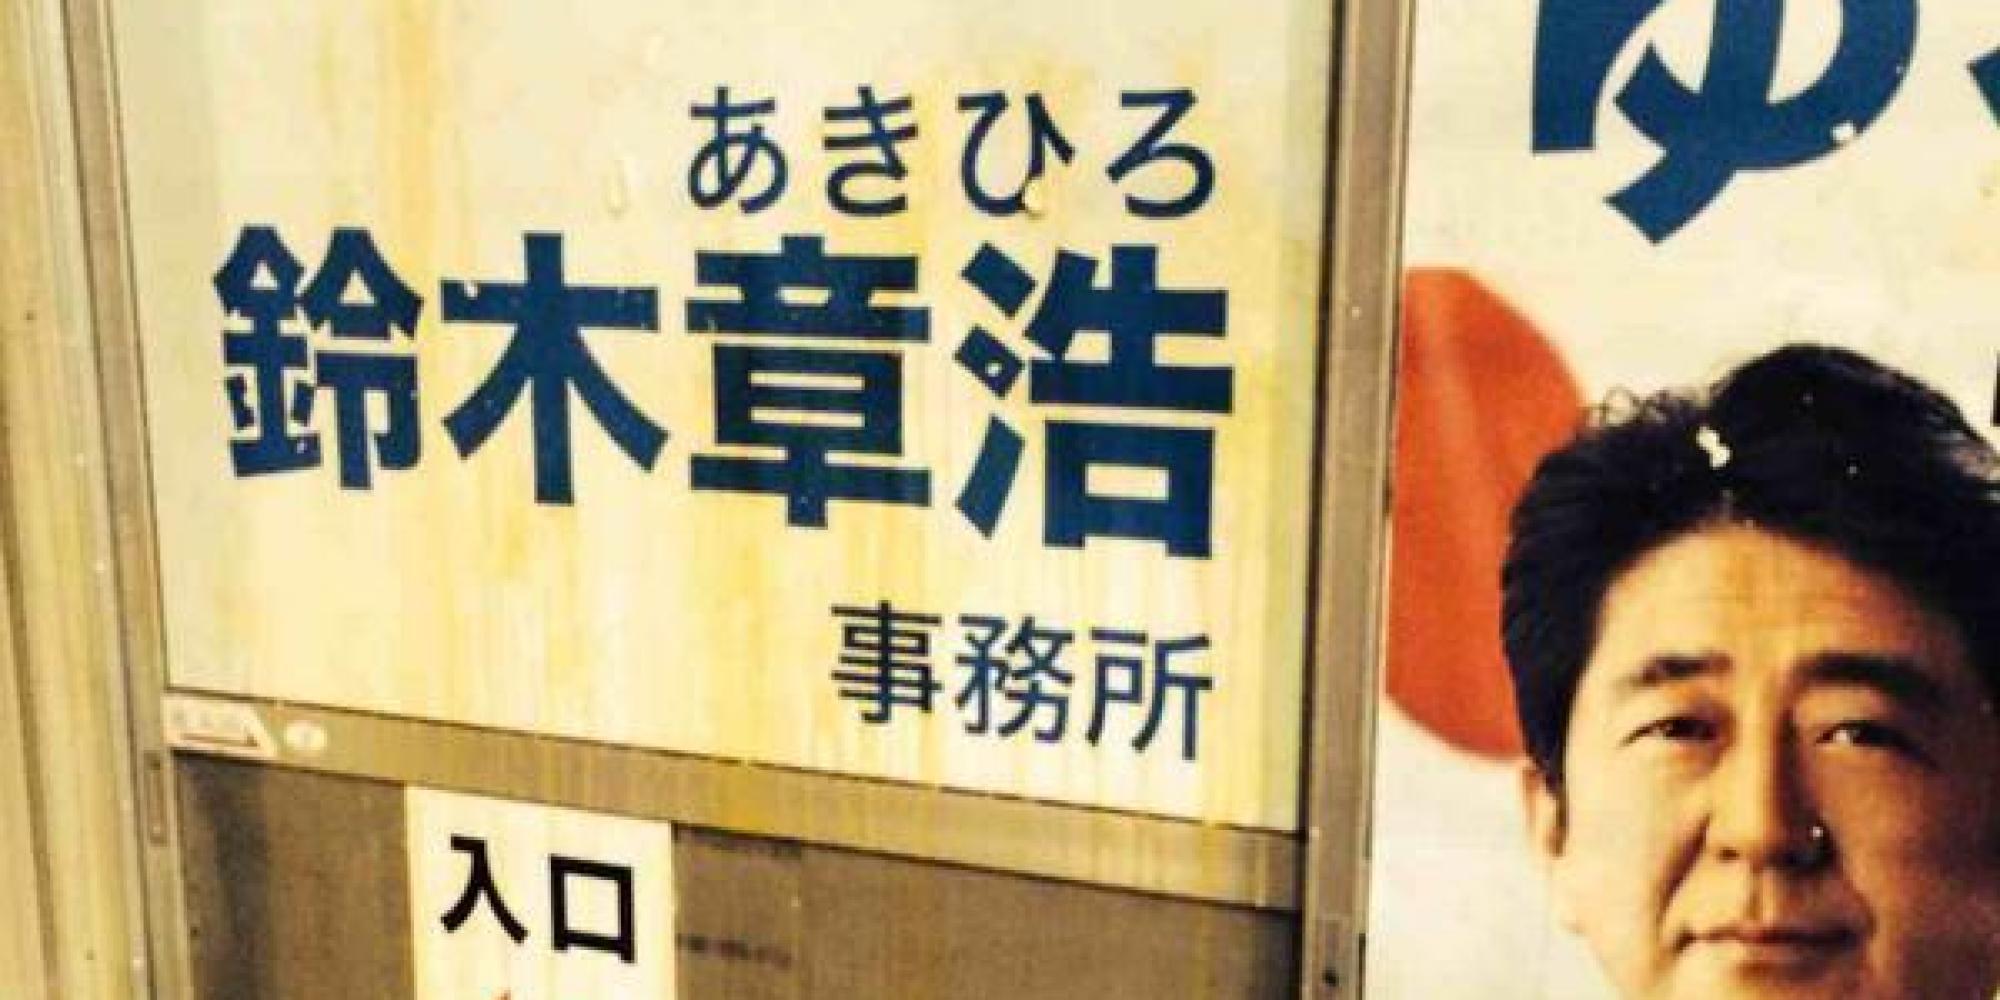 【セクハラ野次】鈴木都議の事務所に生卵、50代の男を事情聴取!!